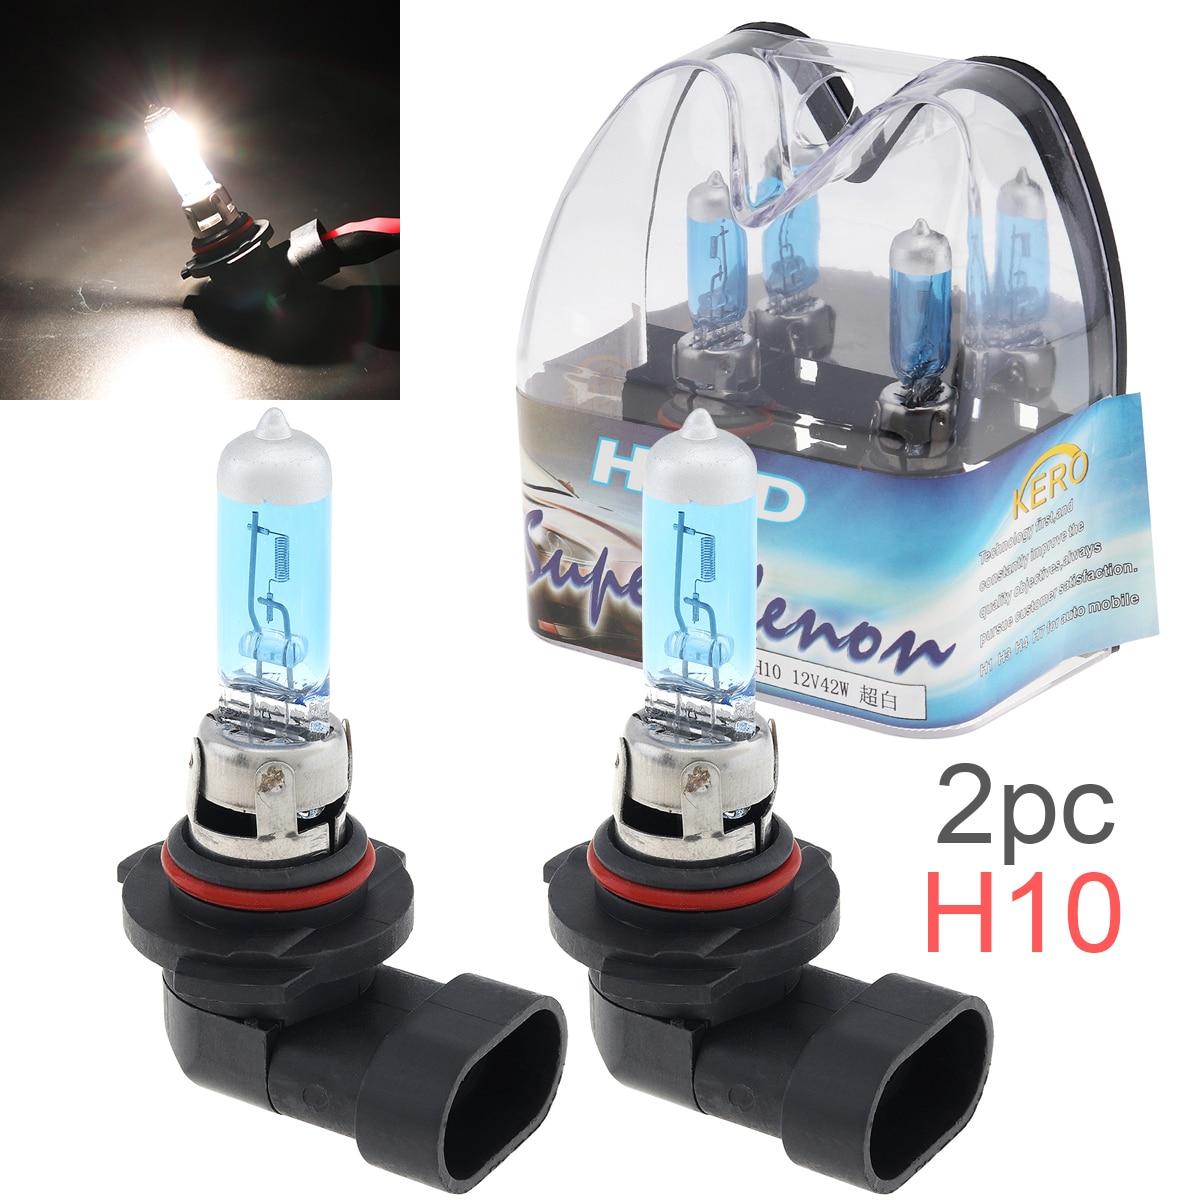 2pcs 12V H10 42W 6000K White Light Super Bright Car Xenon Halogen Lamp Auto Front Headlight Fog Bulb